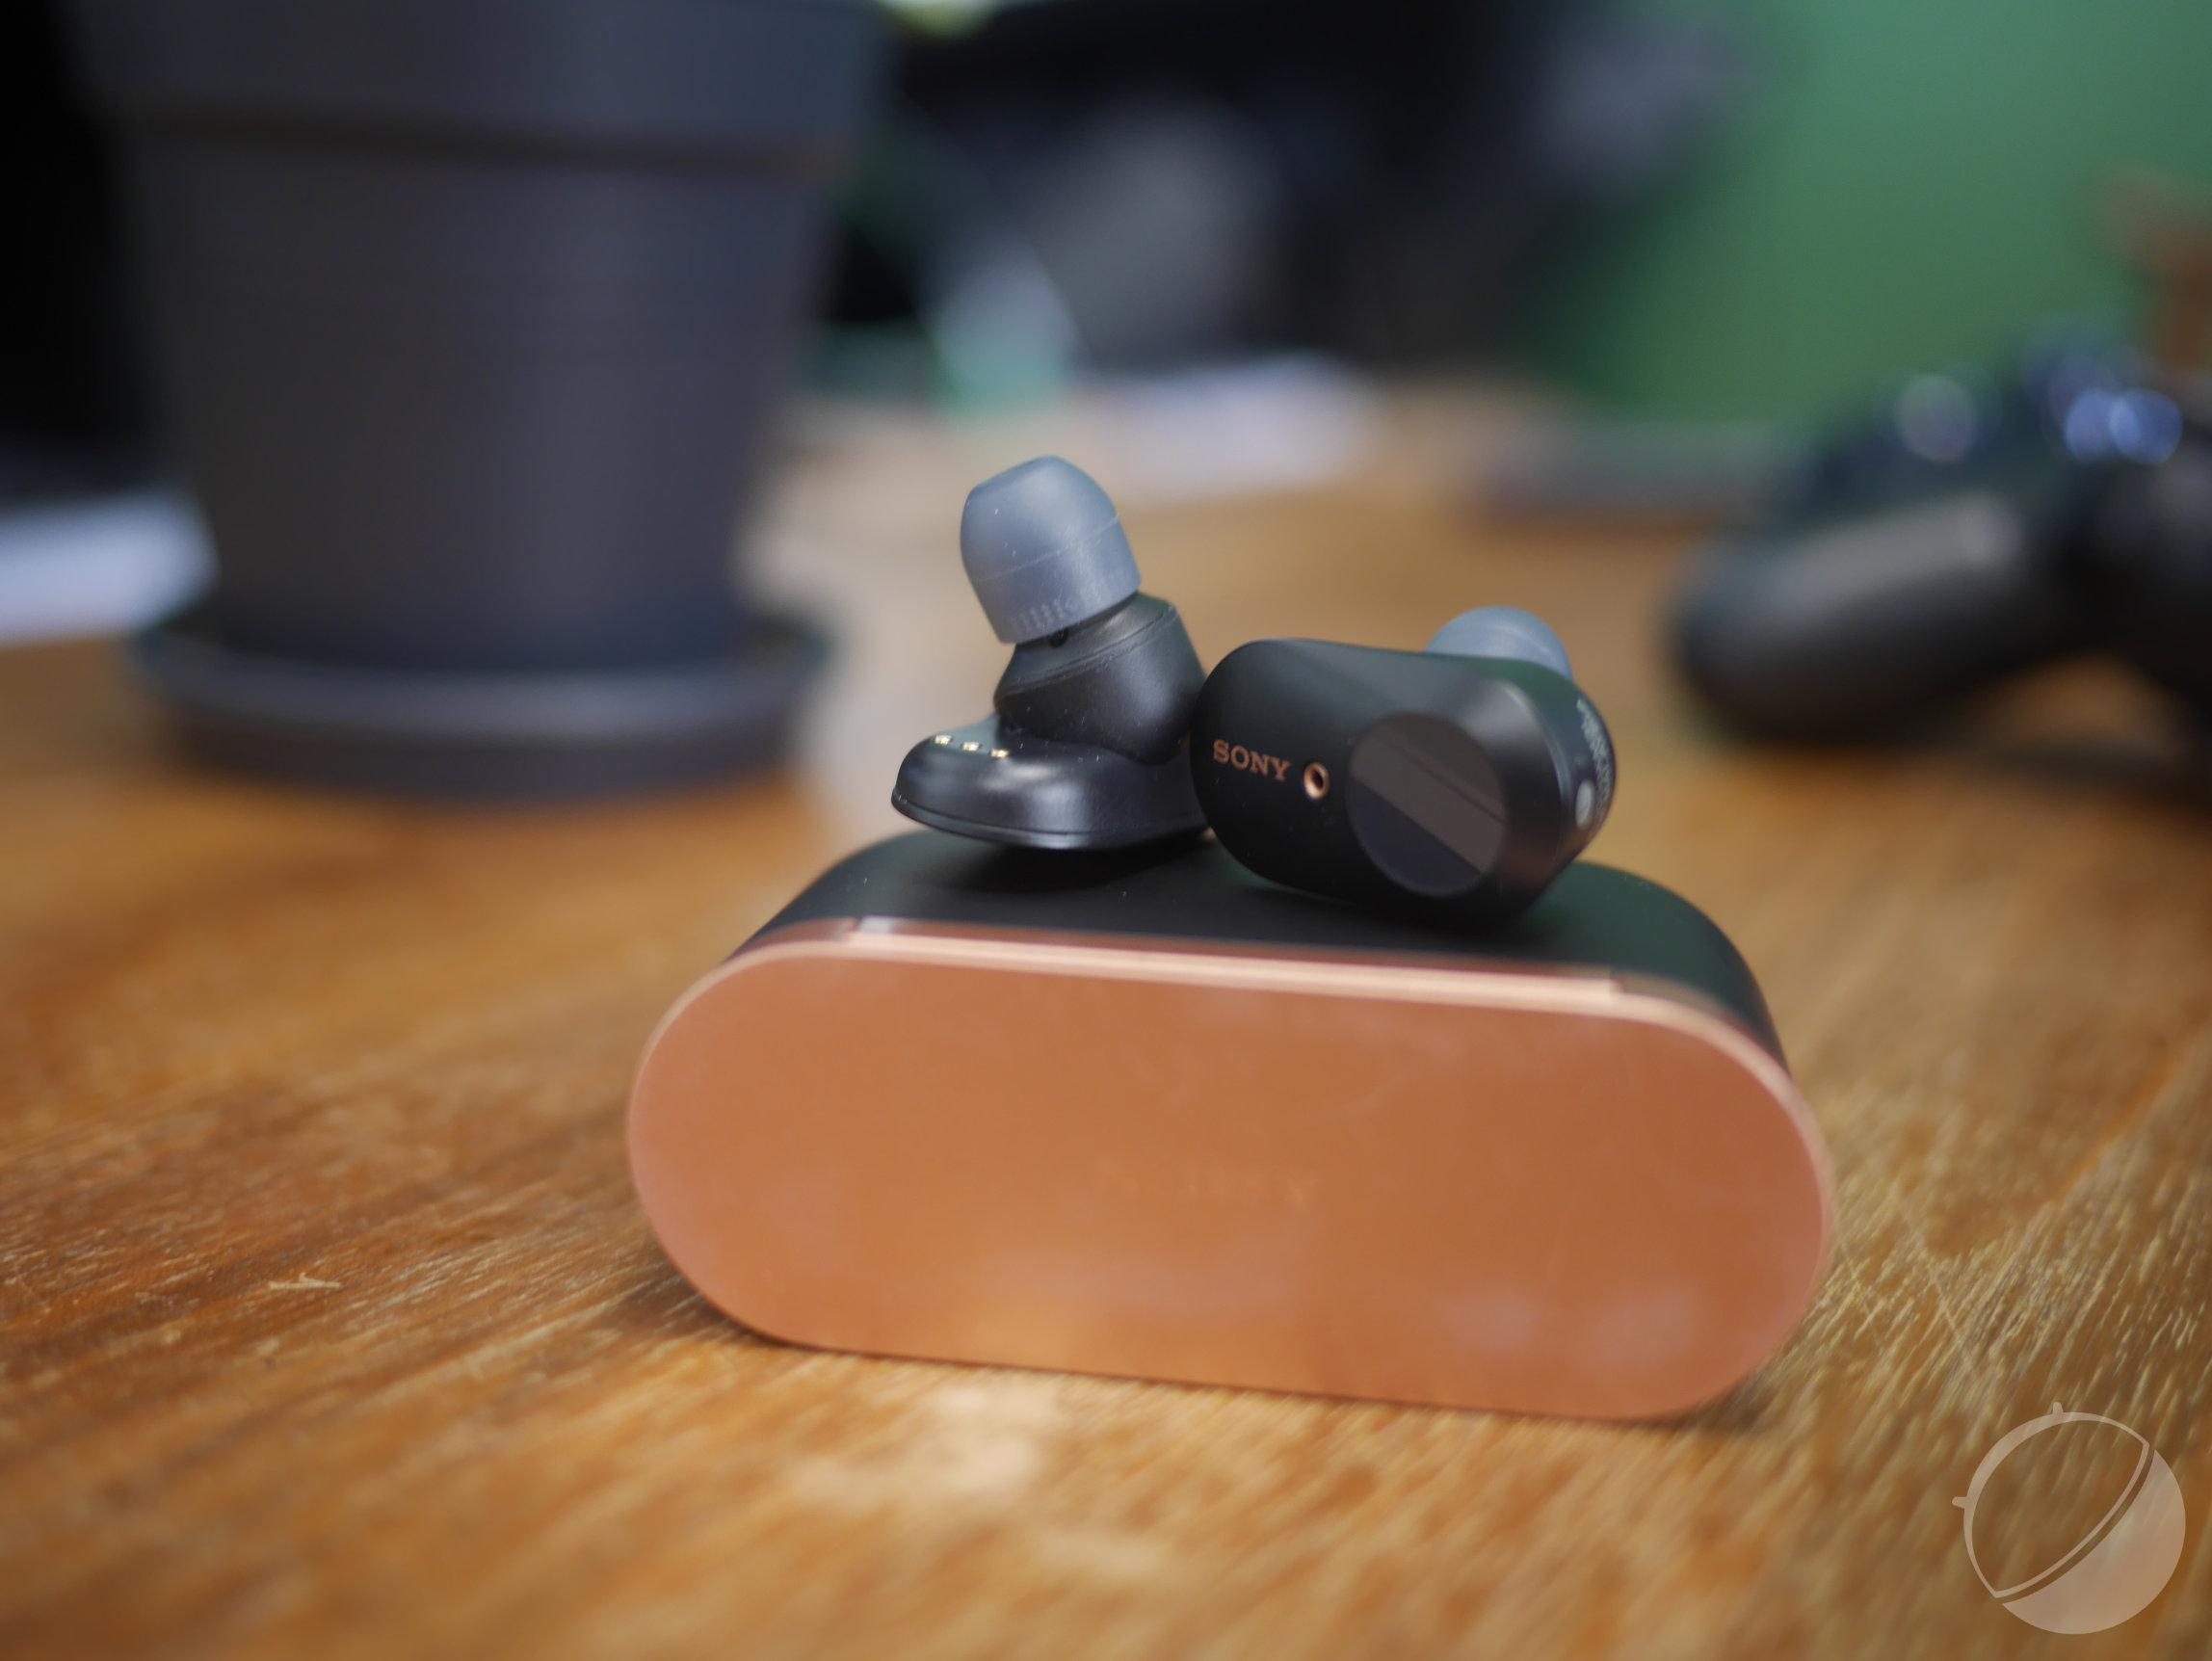 Airpods Et Alternatives : Les Meilleurs Écouteurs Sans Fil ... tout Ecouteur Piscine